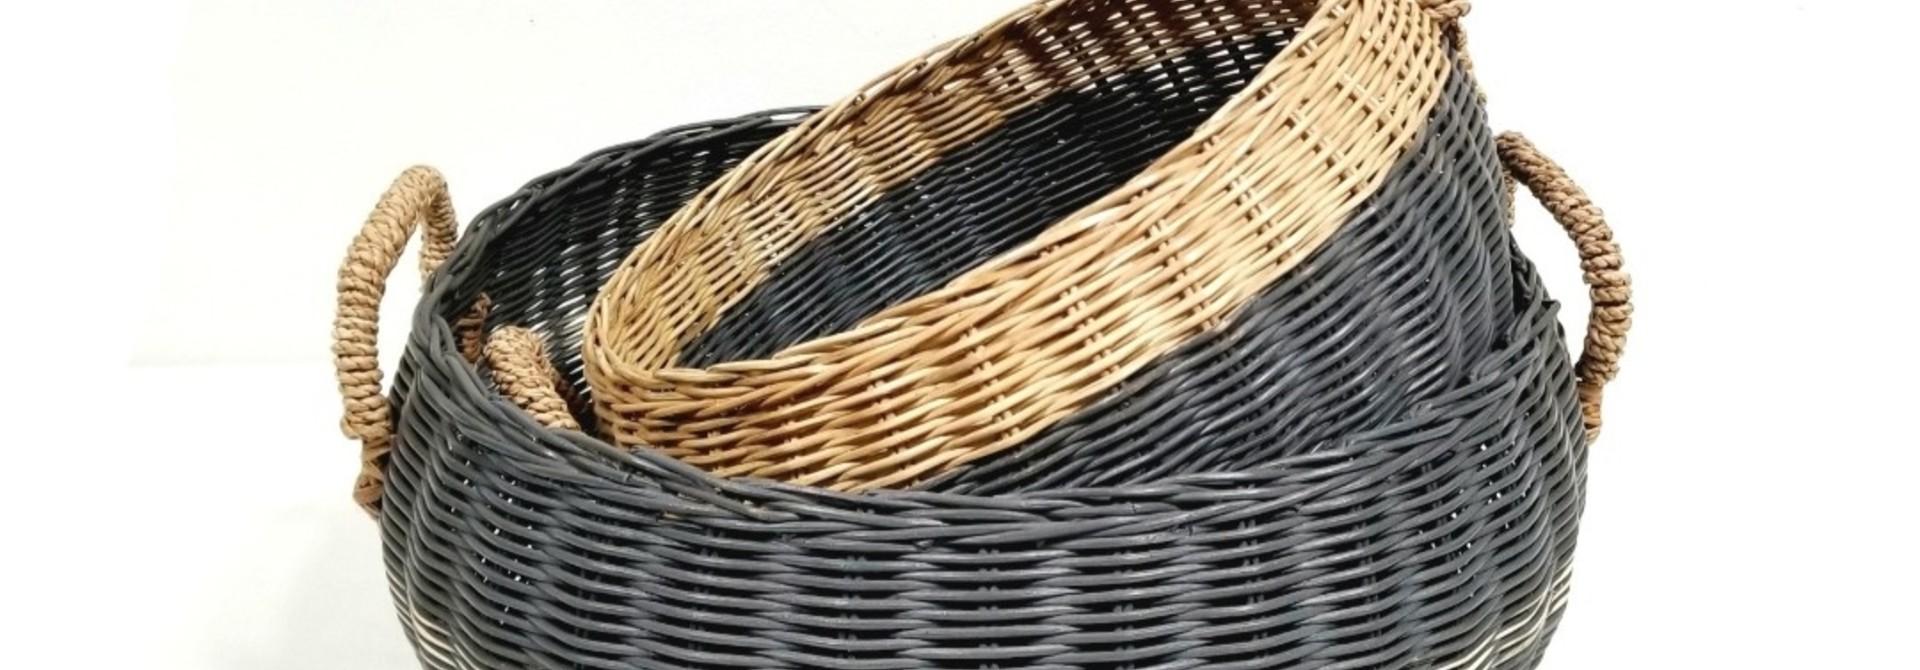 Round Basket Straw Handles - Med